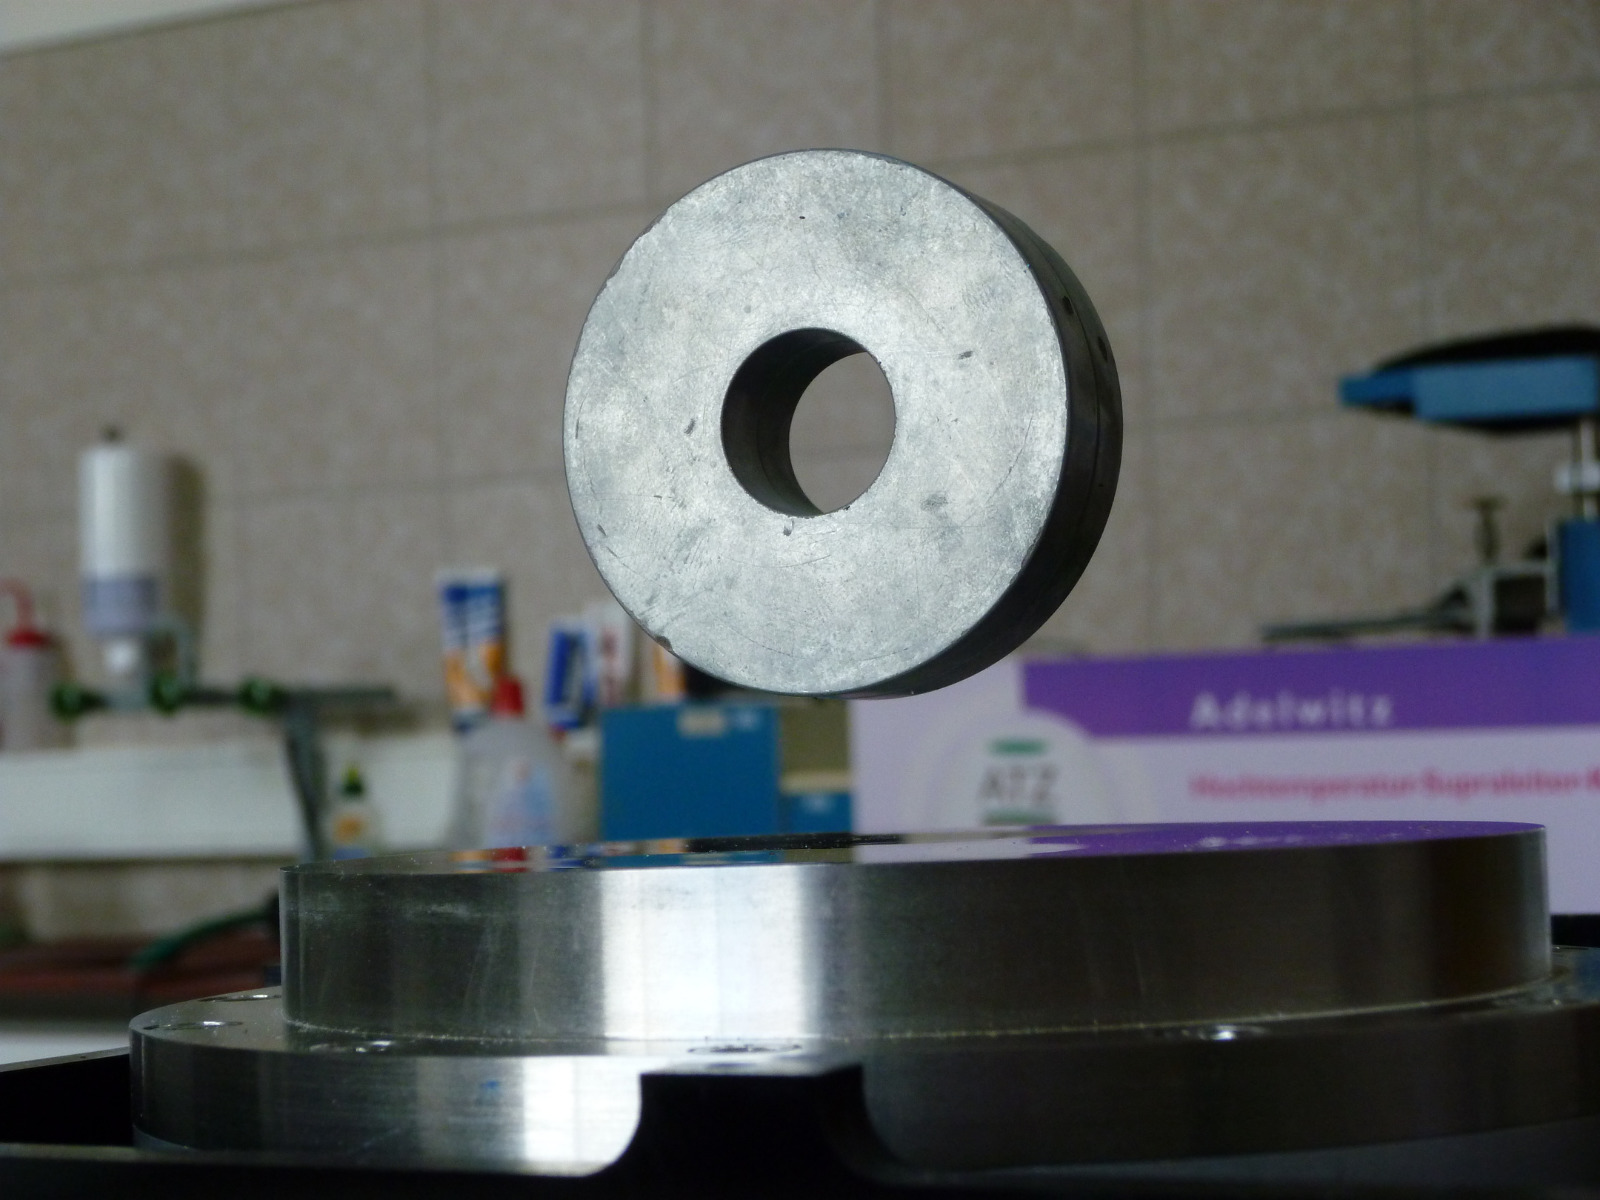 Levitating ring